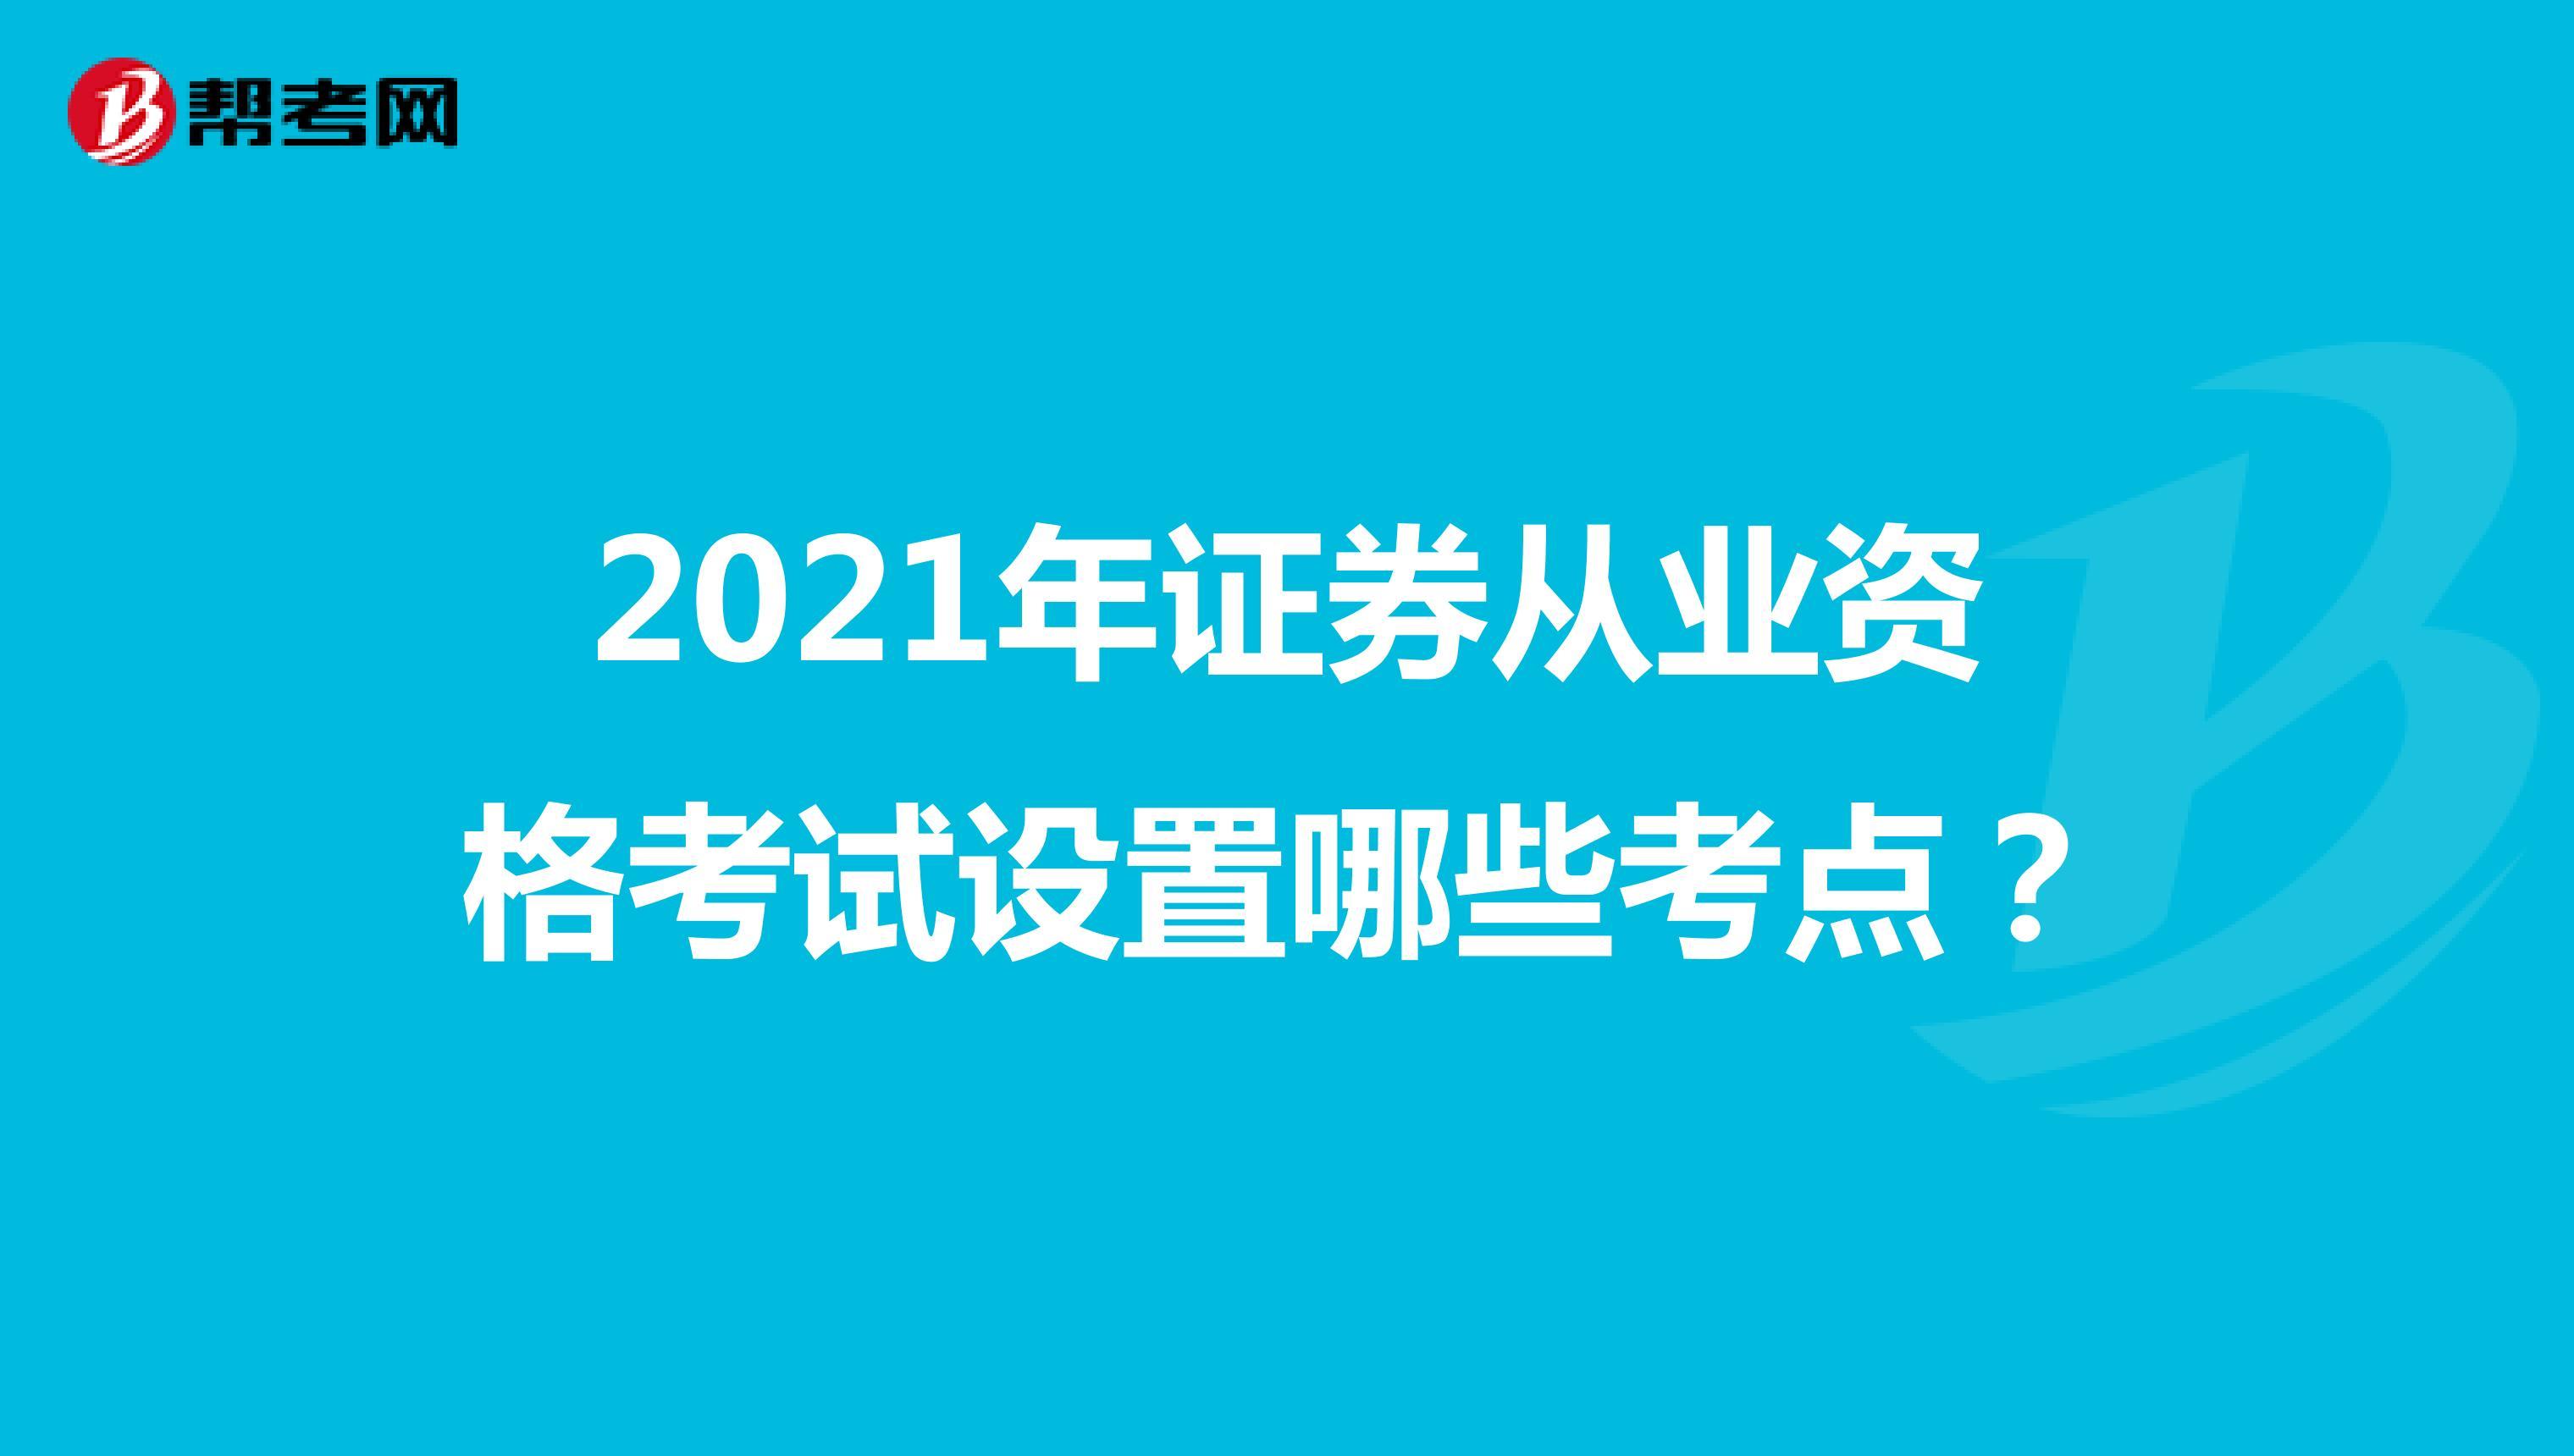 2021年证券从业资格考试设置哪些考点?